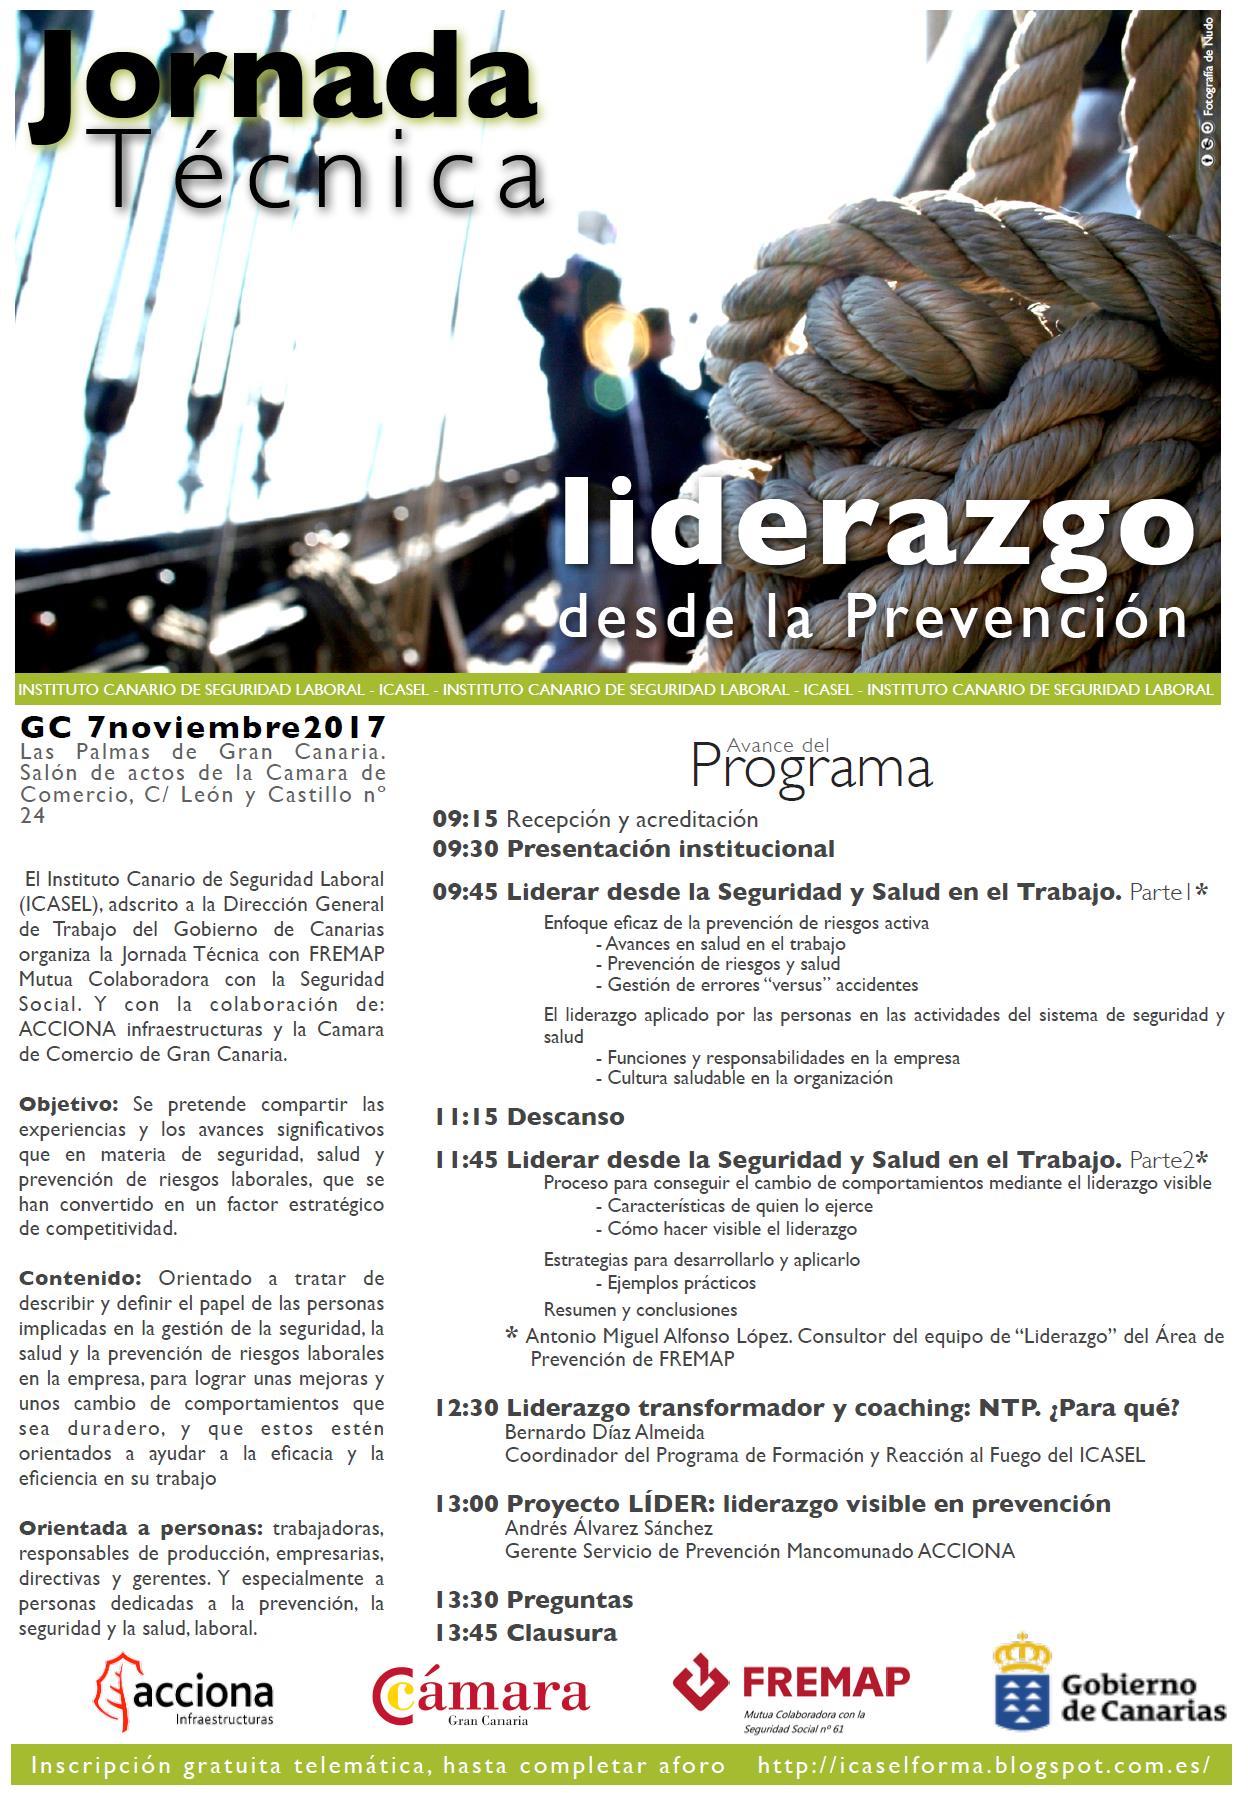 Nota de prensa en Canarias 7 de la entrega de orlas de los ciclos de FP y certificados de profesionalidad en la Cámara de Comercio de G.C.